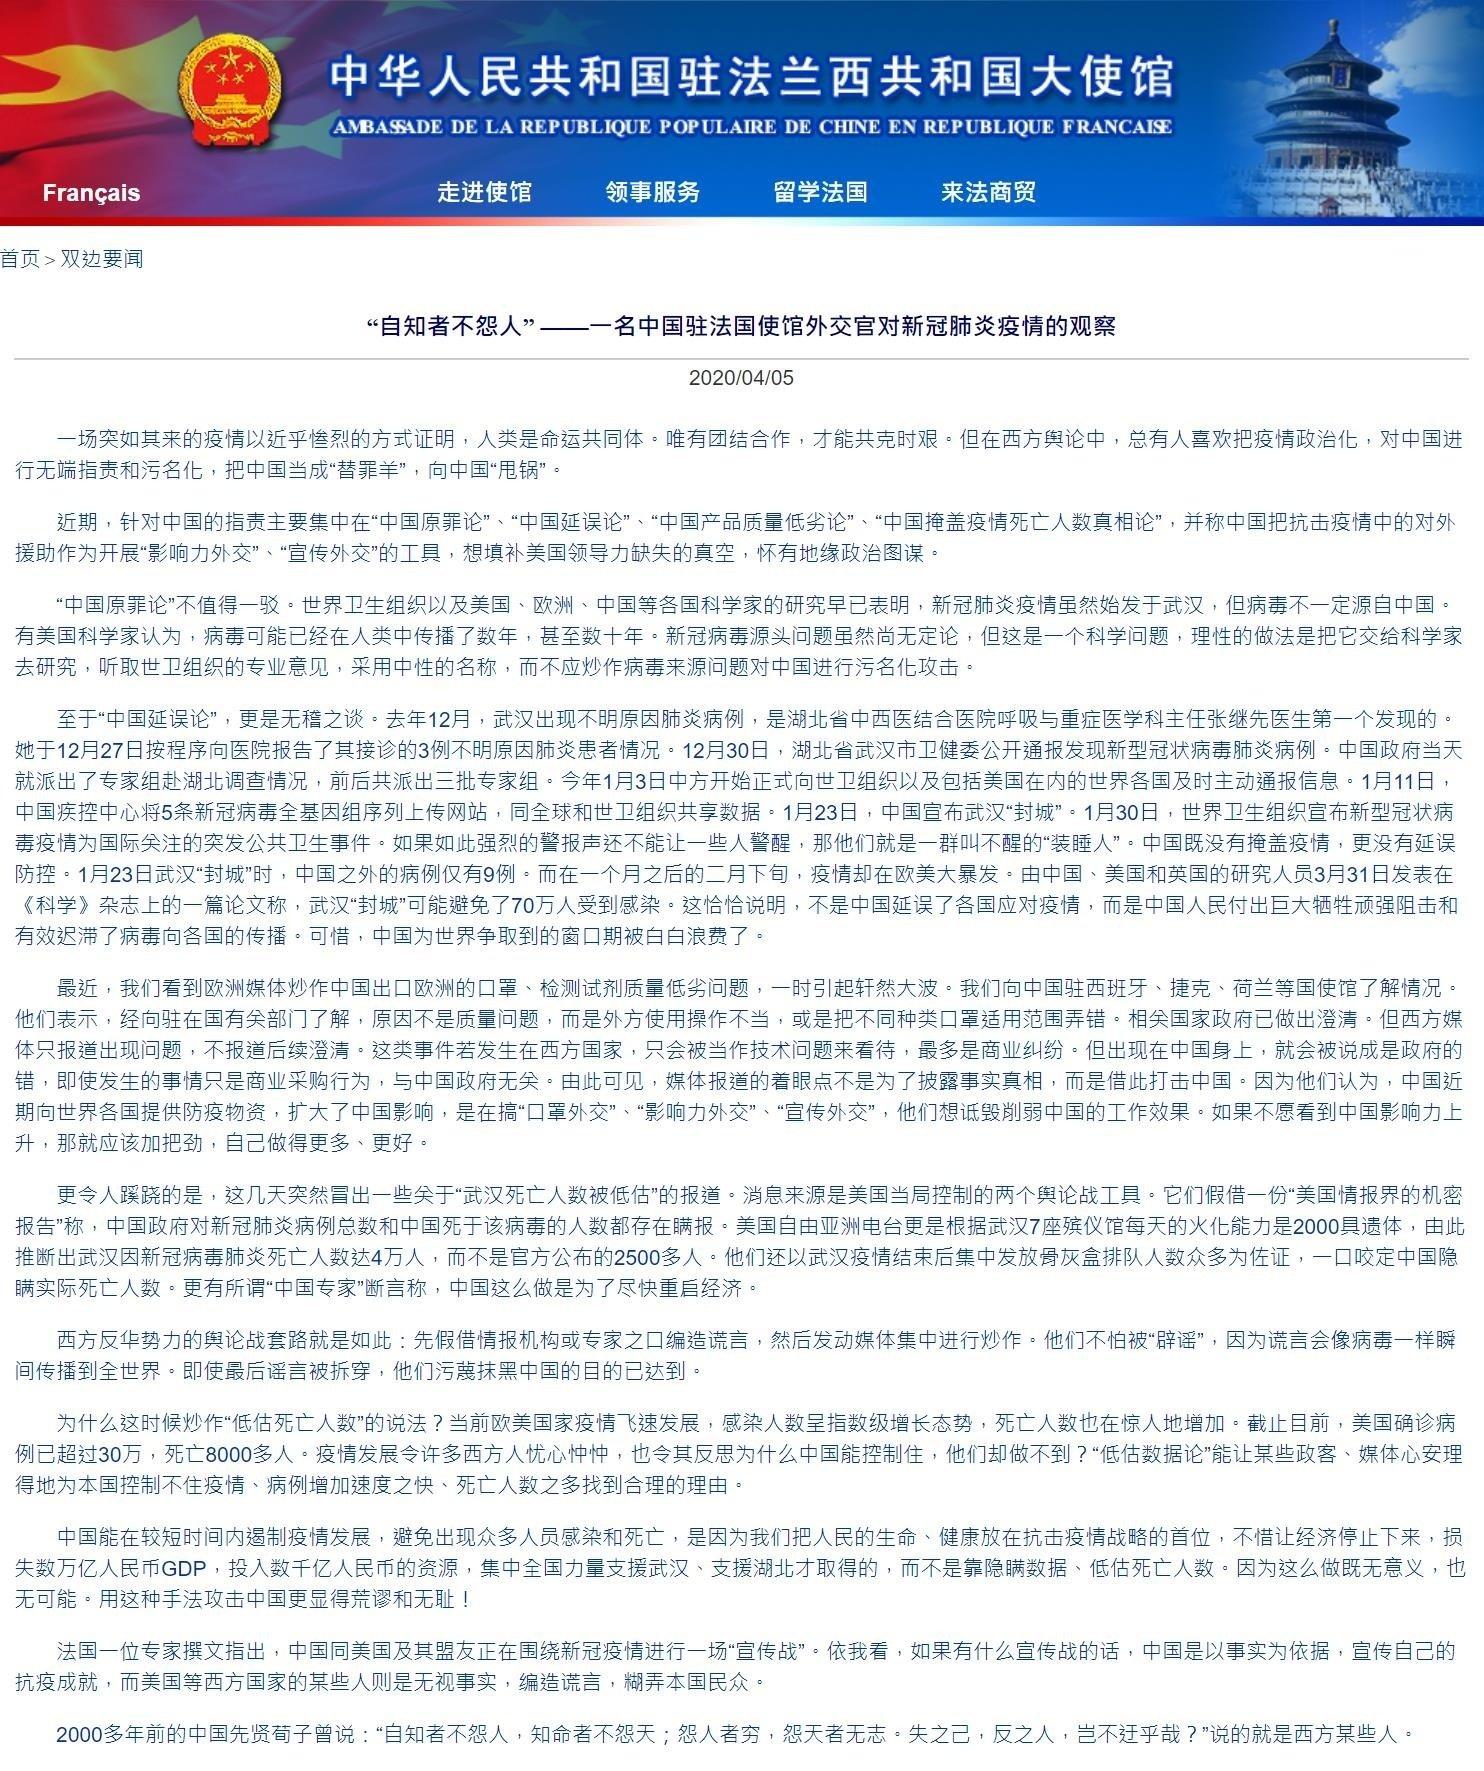 """中国驻法大使馆驳西方""""甩锅""""行径:自知者不怨人"""